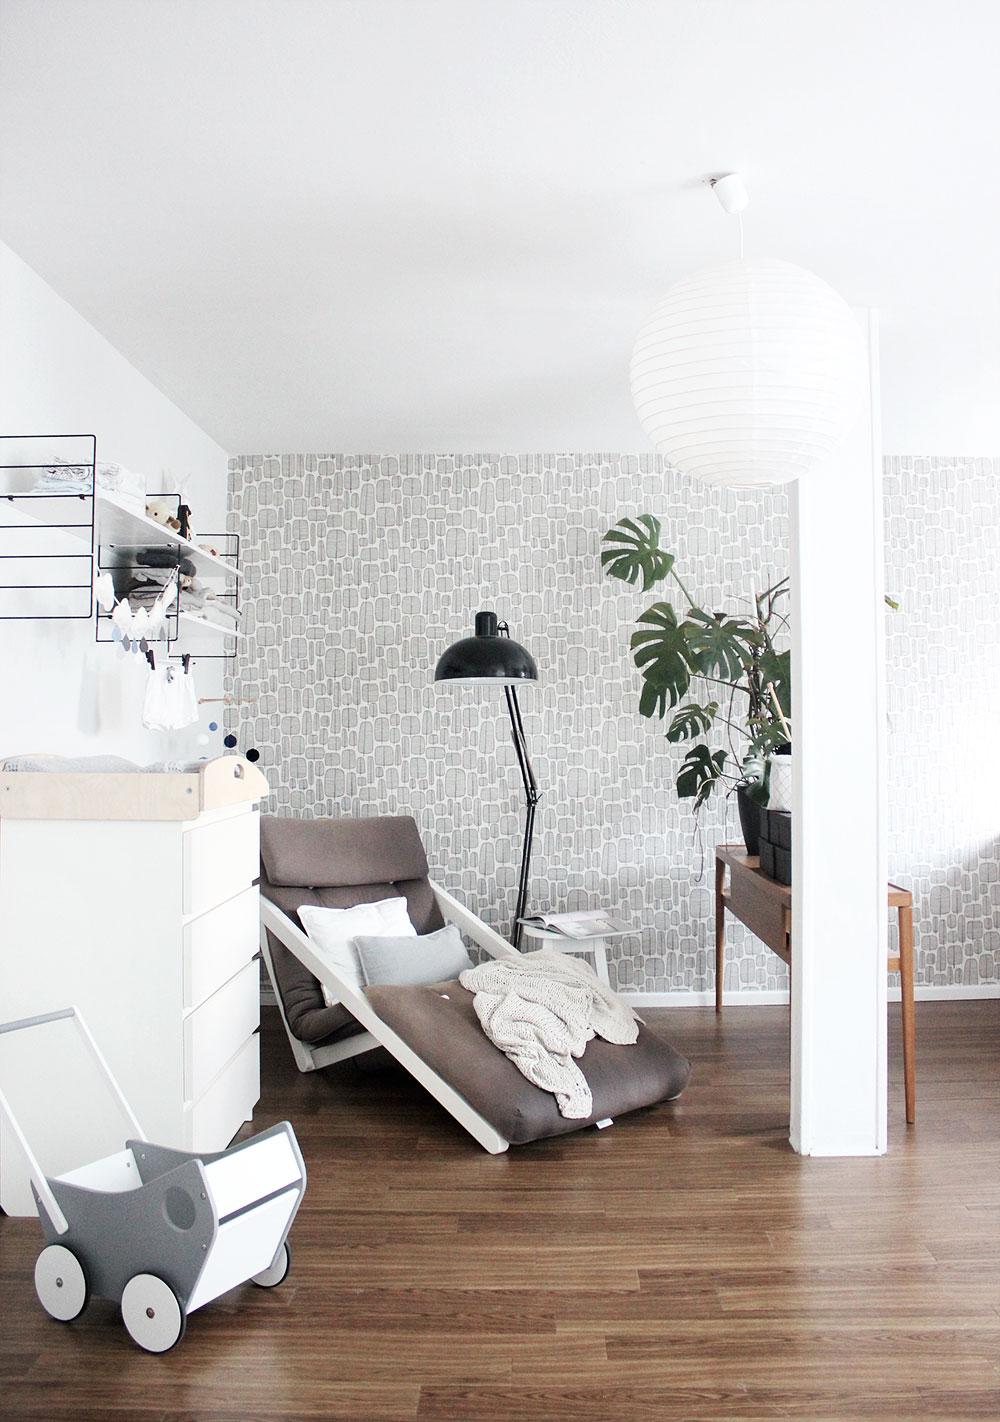 Wickelecke und gemütliche Lounge Liege im Arbeitszimmer